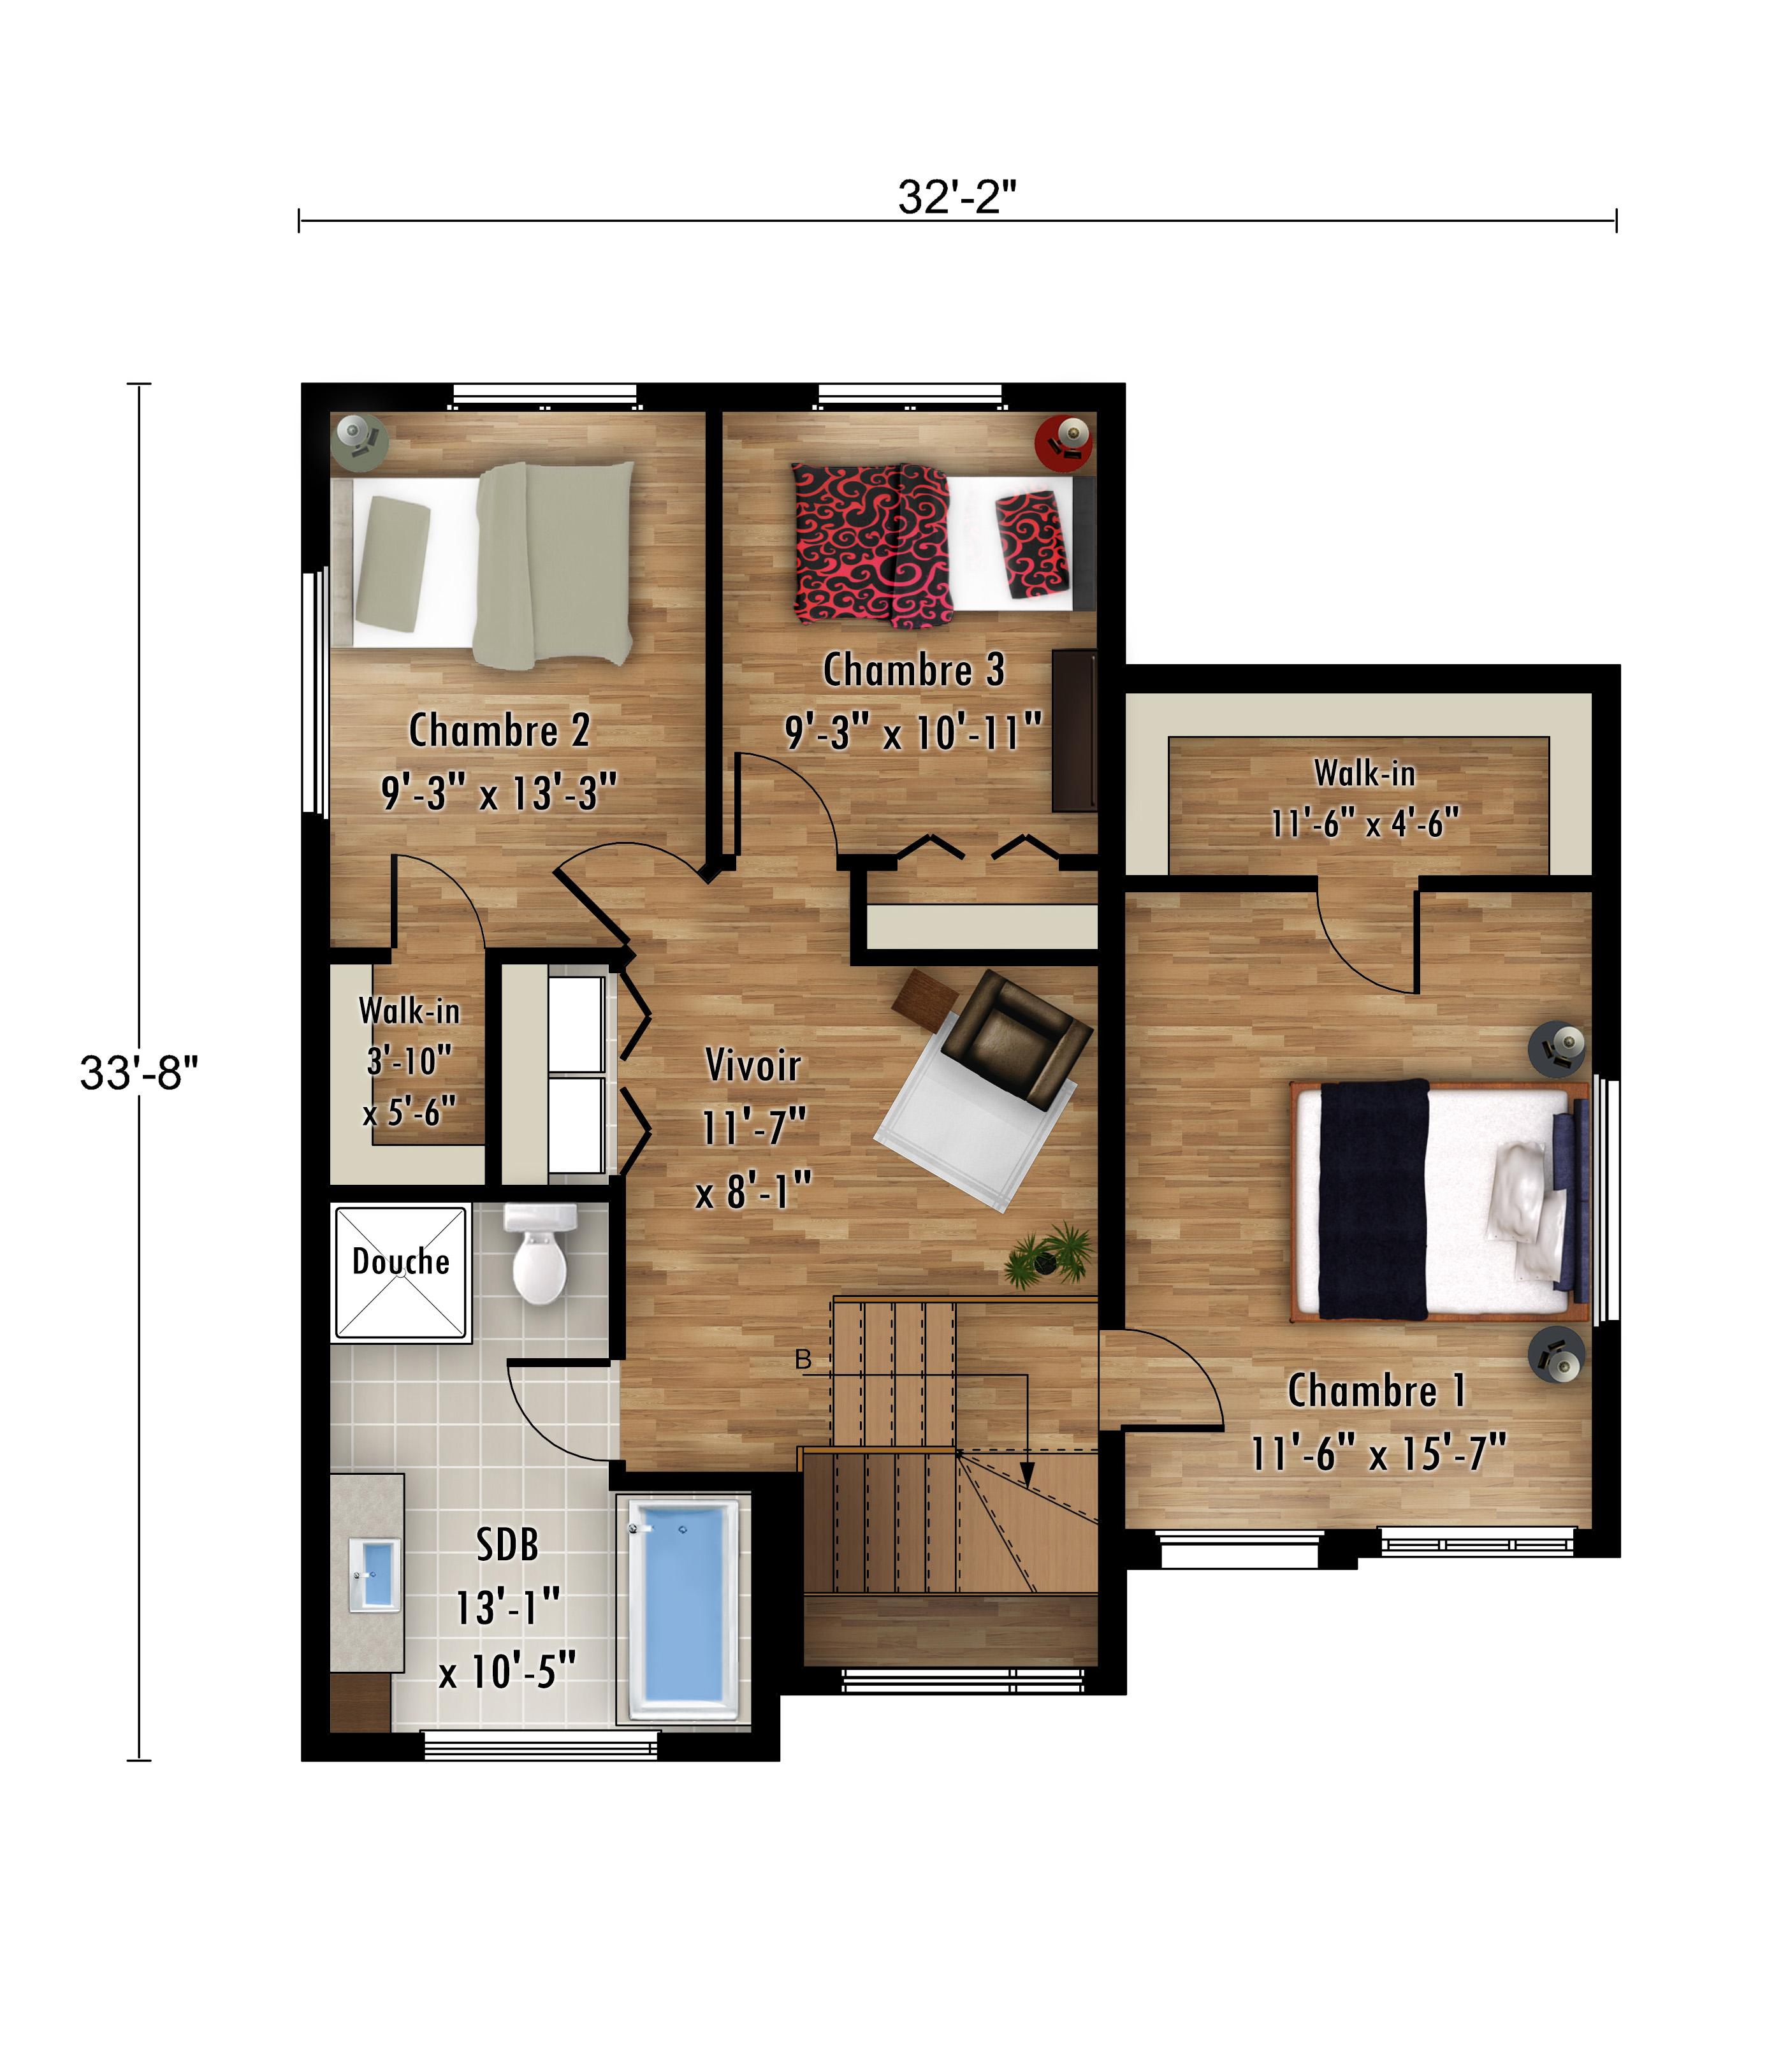 Le Sizerin Étage - Rheault - Maisons neuves à vendre a Terrebonne